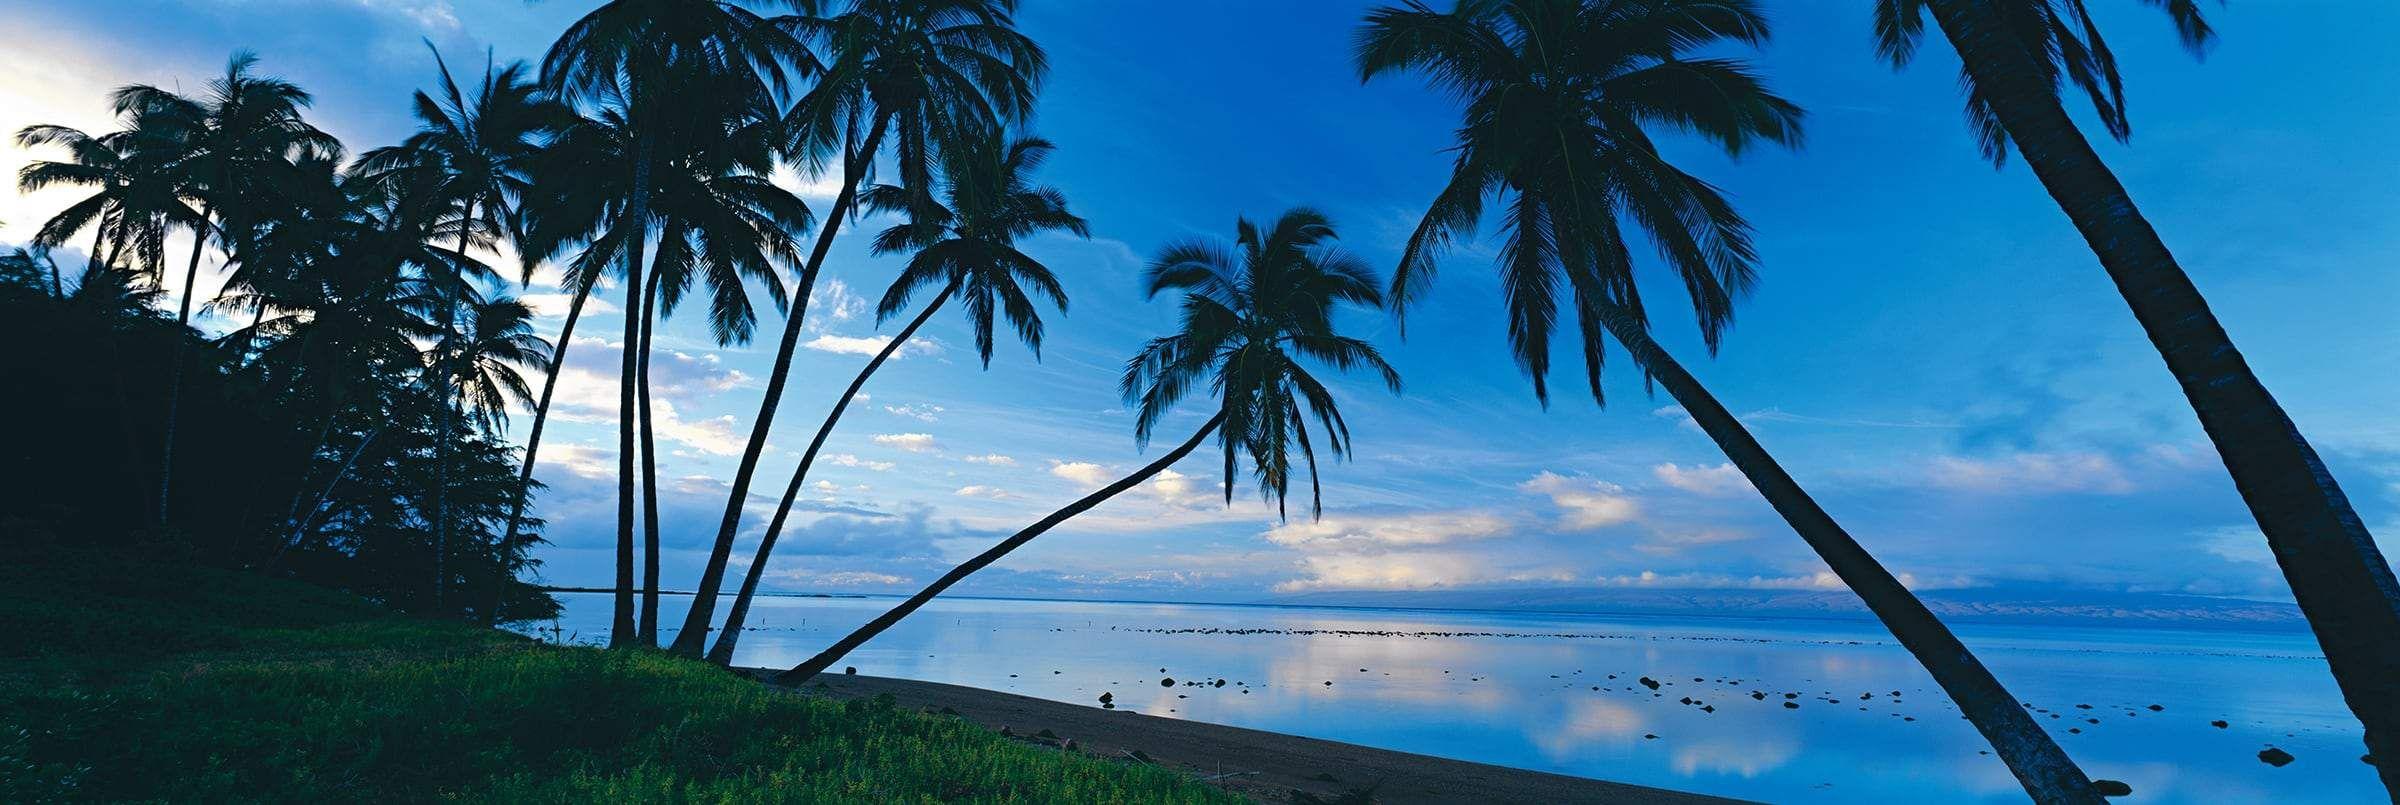 Molokai Shores Nature Photography Molokai Cover Photos